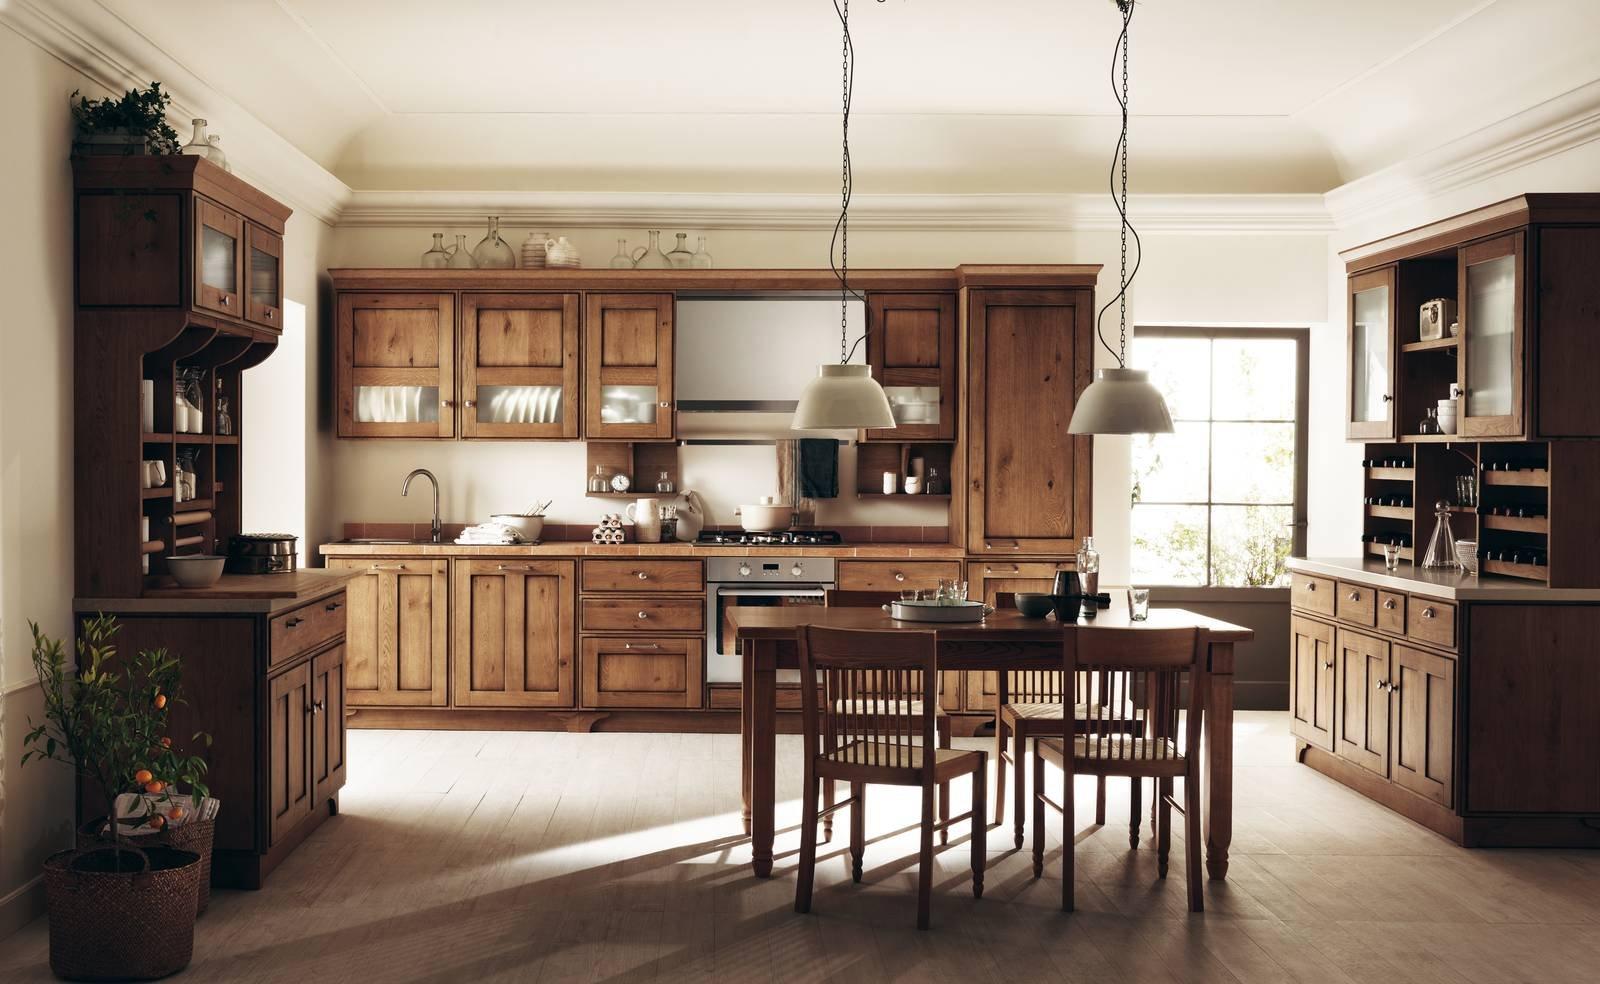 Scavolini favilla 76 cucine stile country cose di casa - Cucine in stile ...